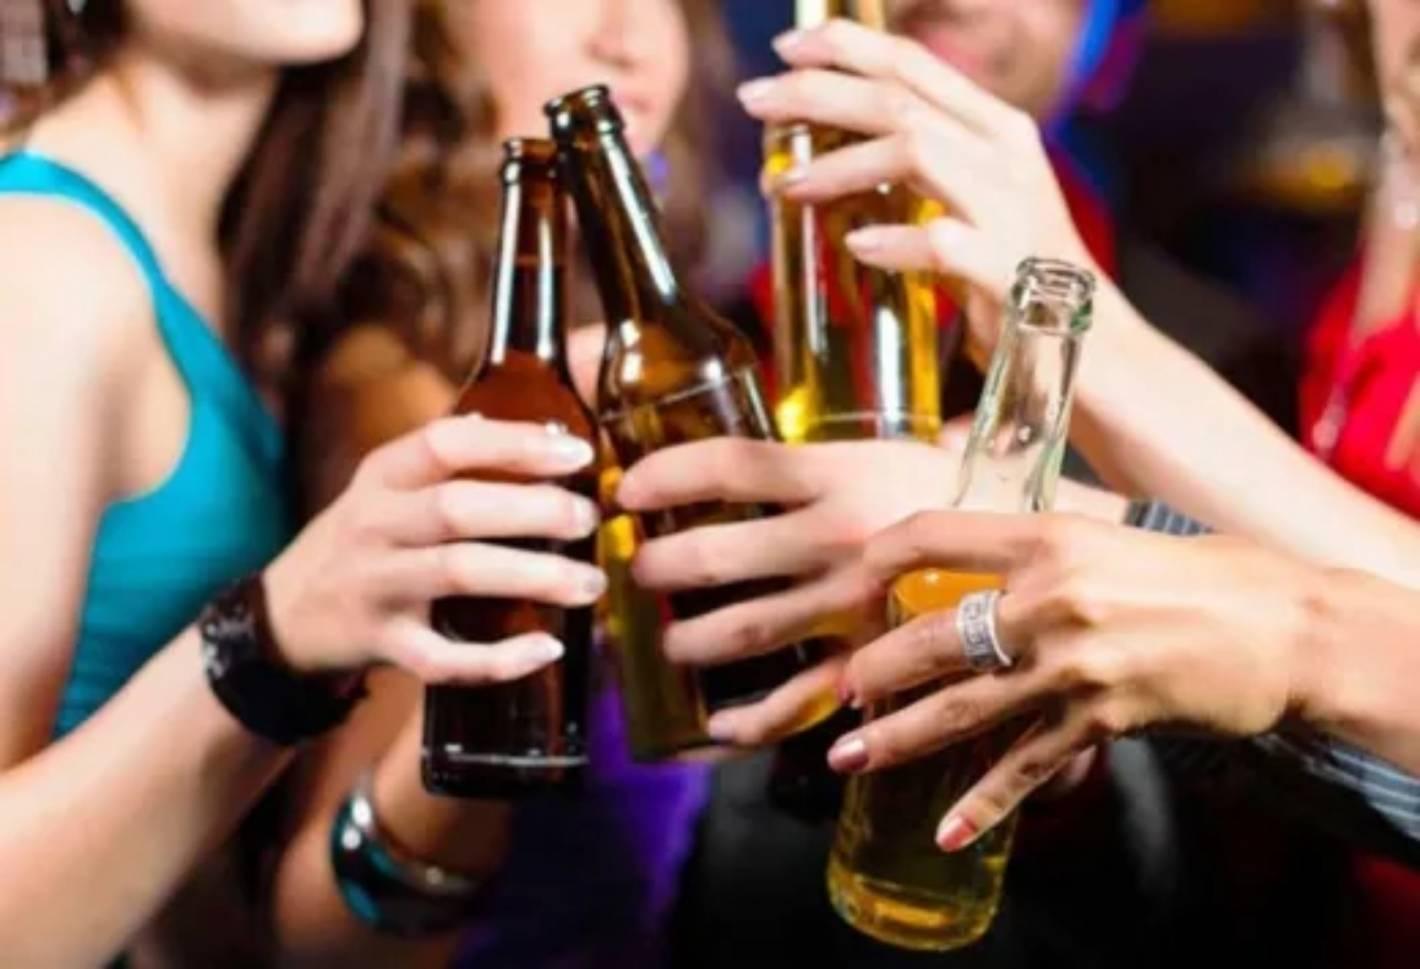 El tratamiento de la dependencia alcohólica en voronezhe